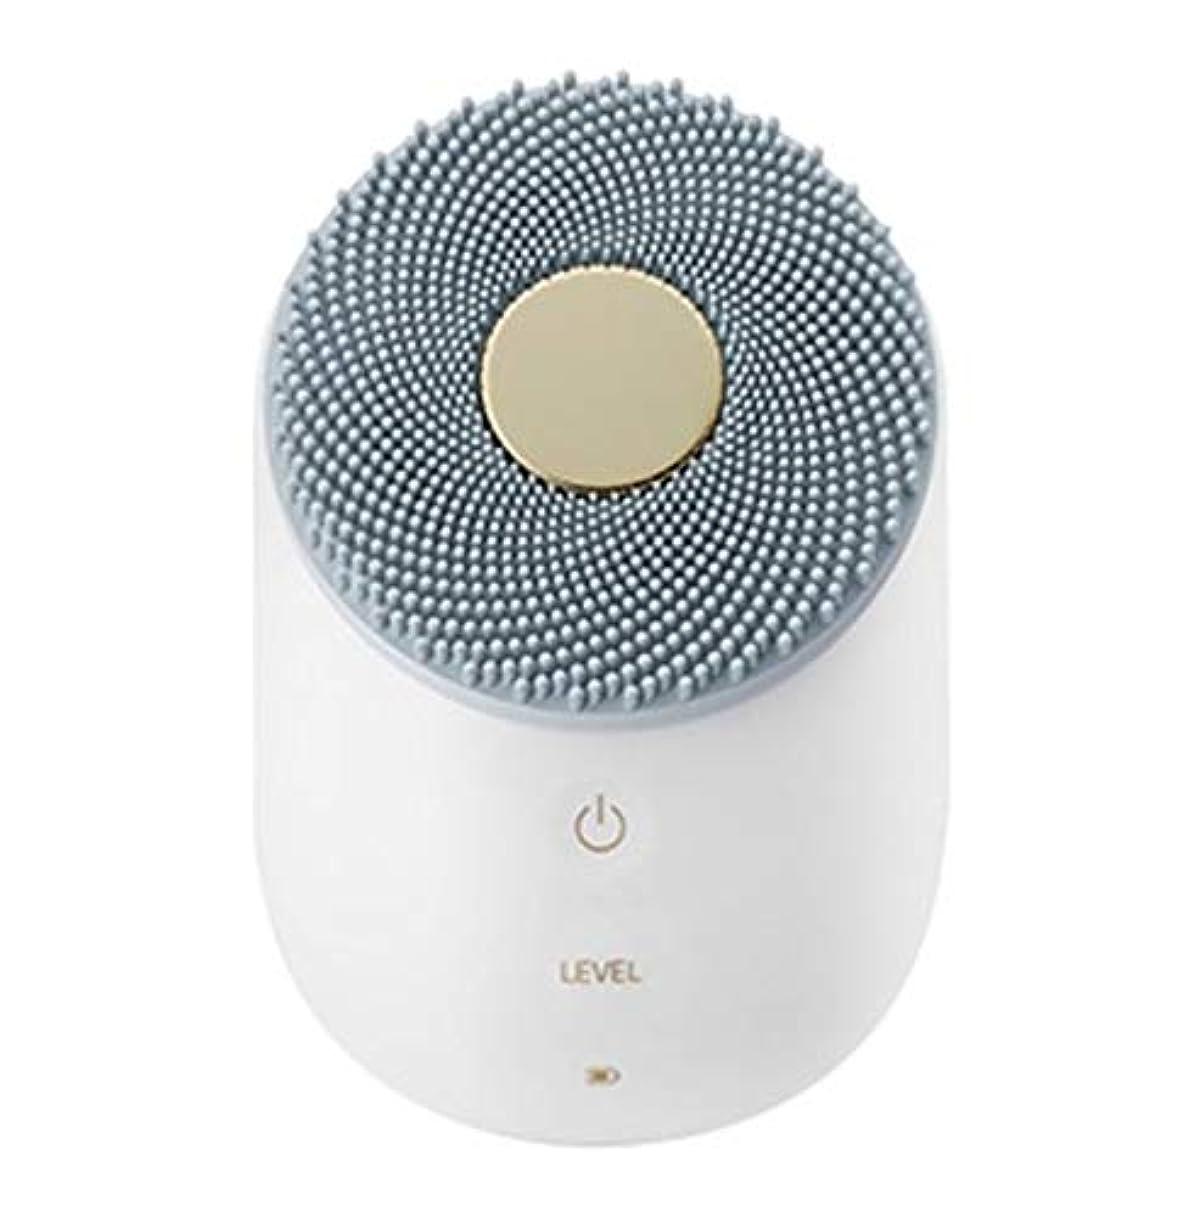 医学苦情文句バブル(LGエレクトロニクス) LG Electronics Pra.L 超音波 振動 クレンジング 美肌 フェイシャル 洗顔 ブラシ [並行輸入品]